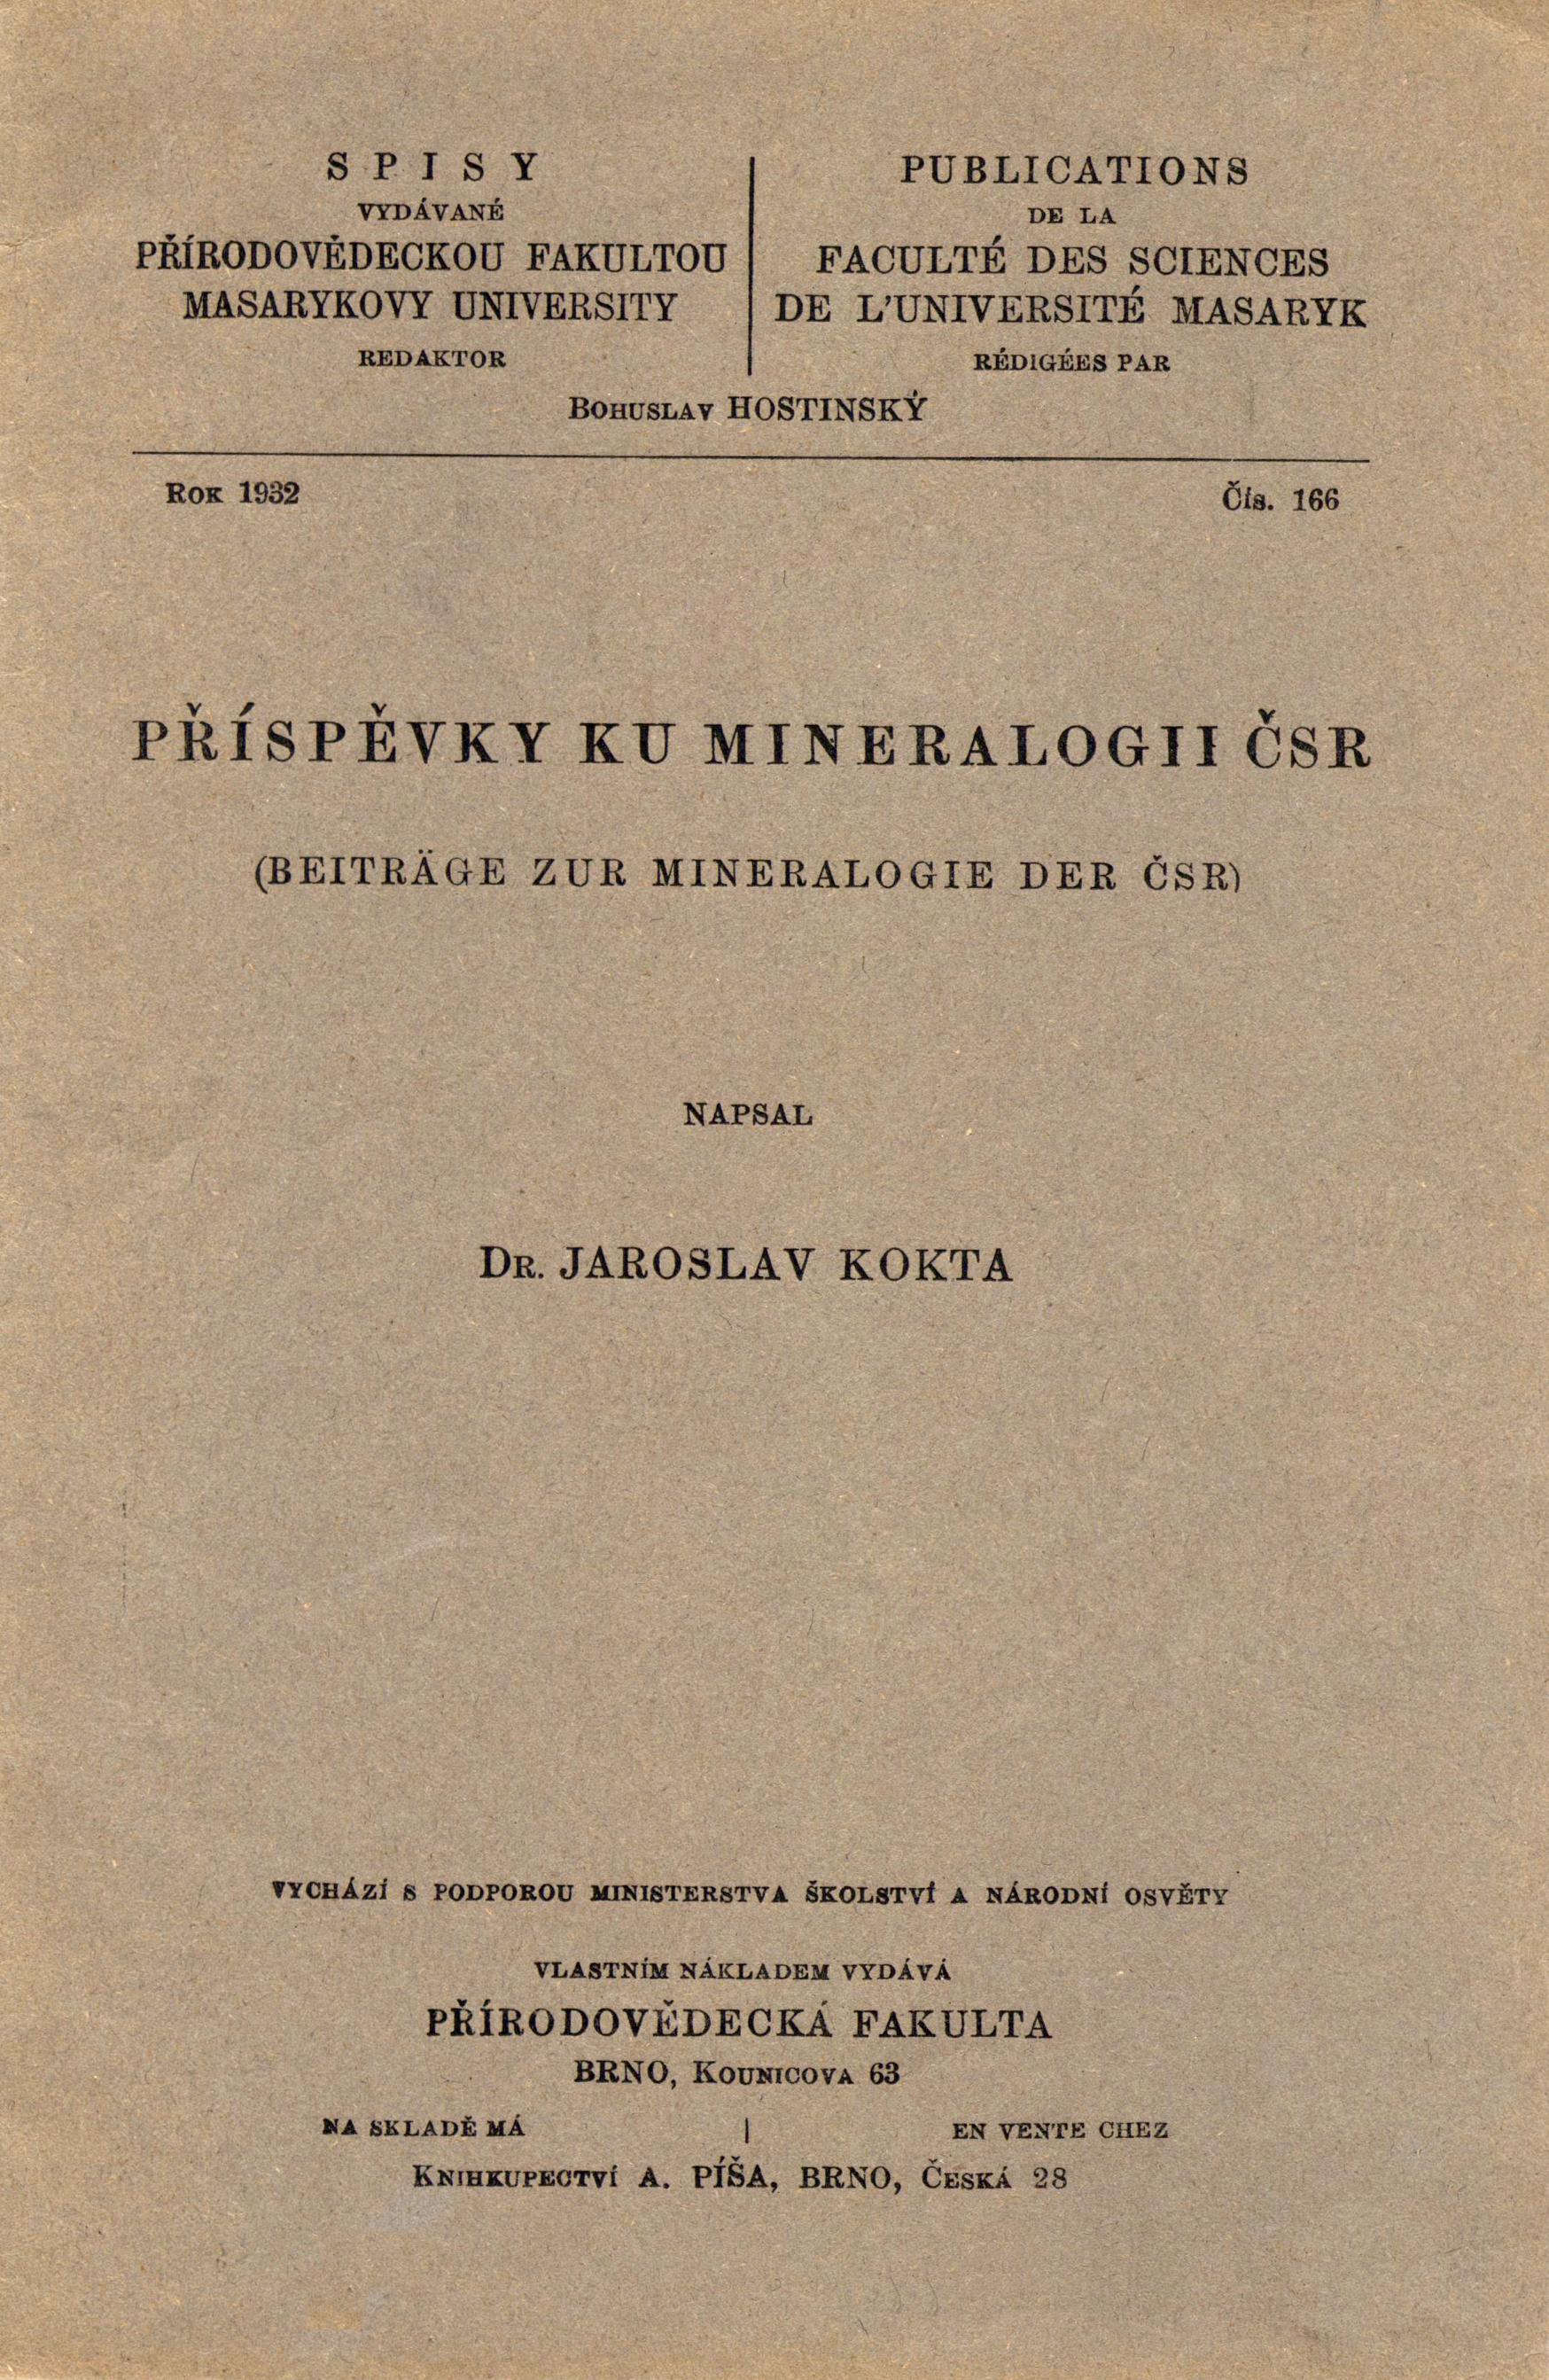 Obálka pro Příspěvky ku mineralogii ČSR/Beiträge zur Mineralogie der ČSR